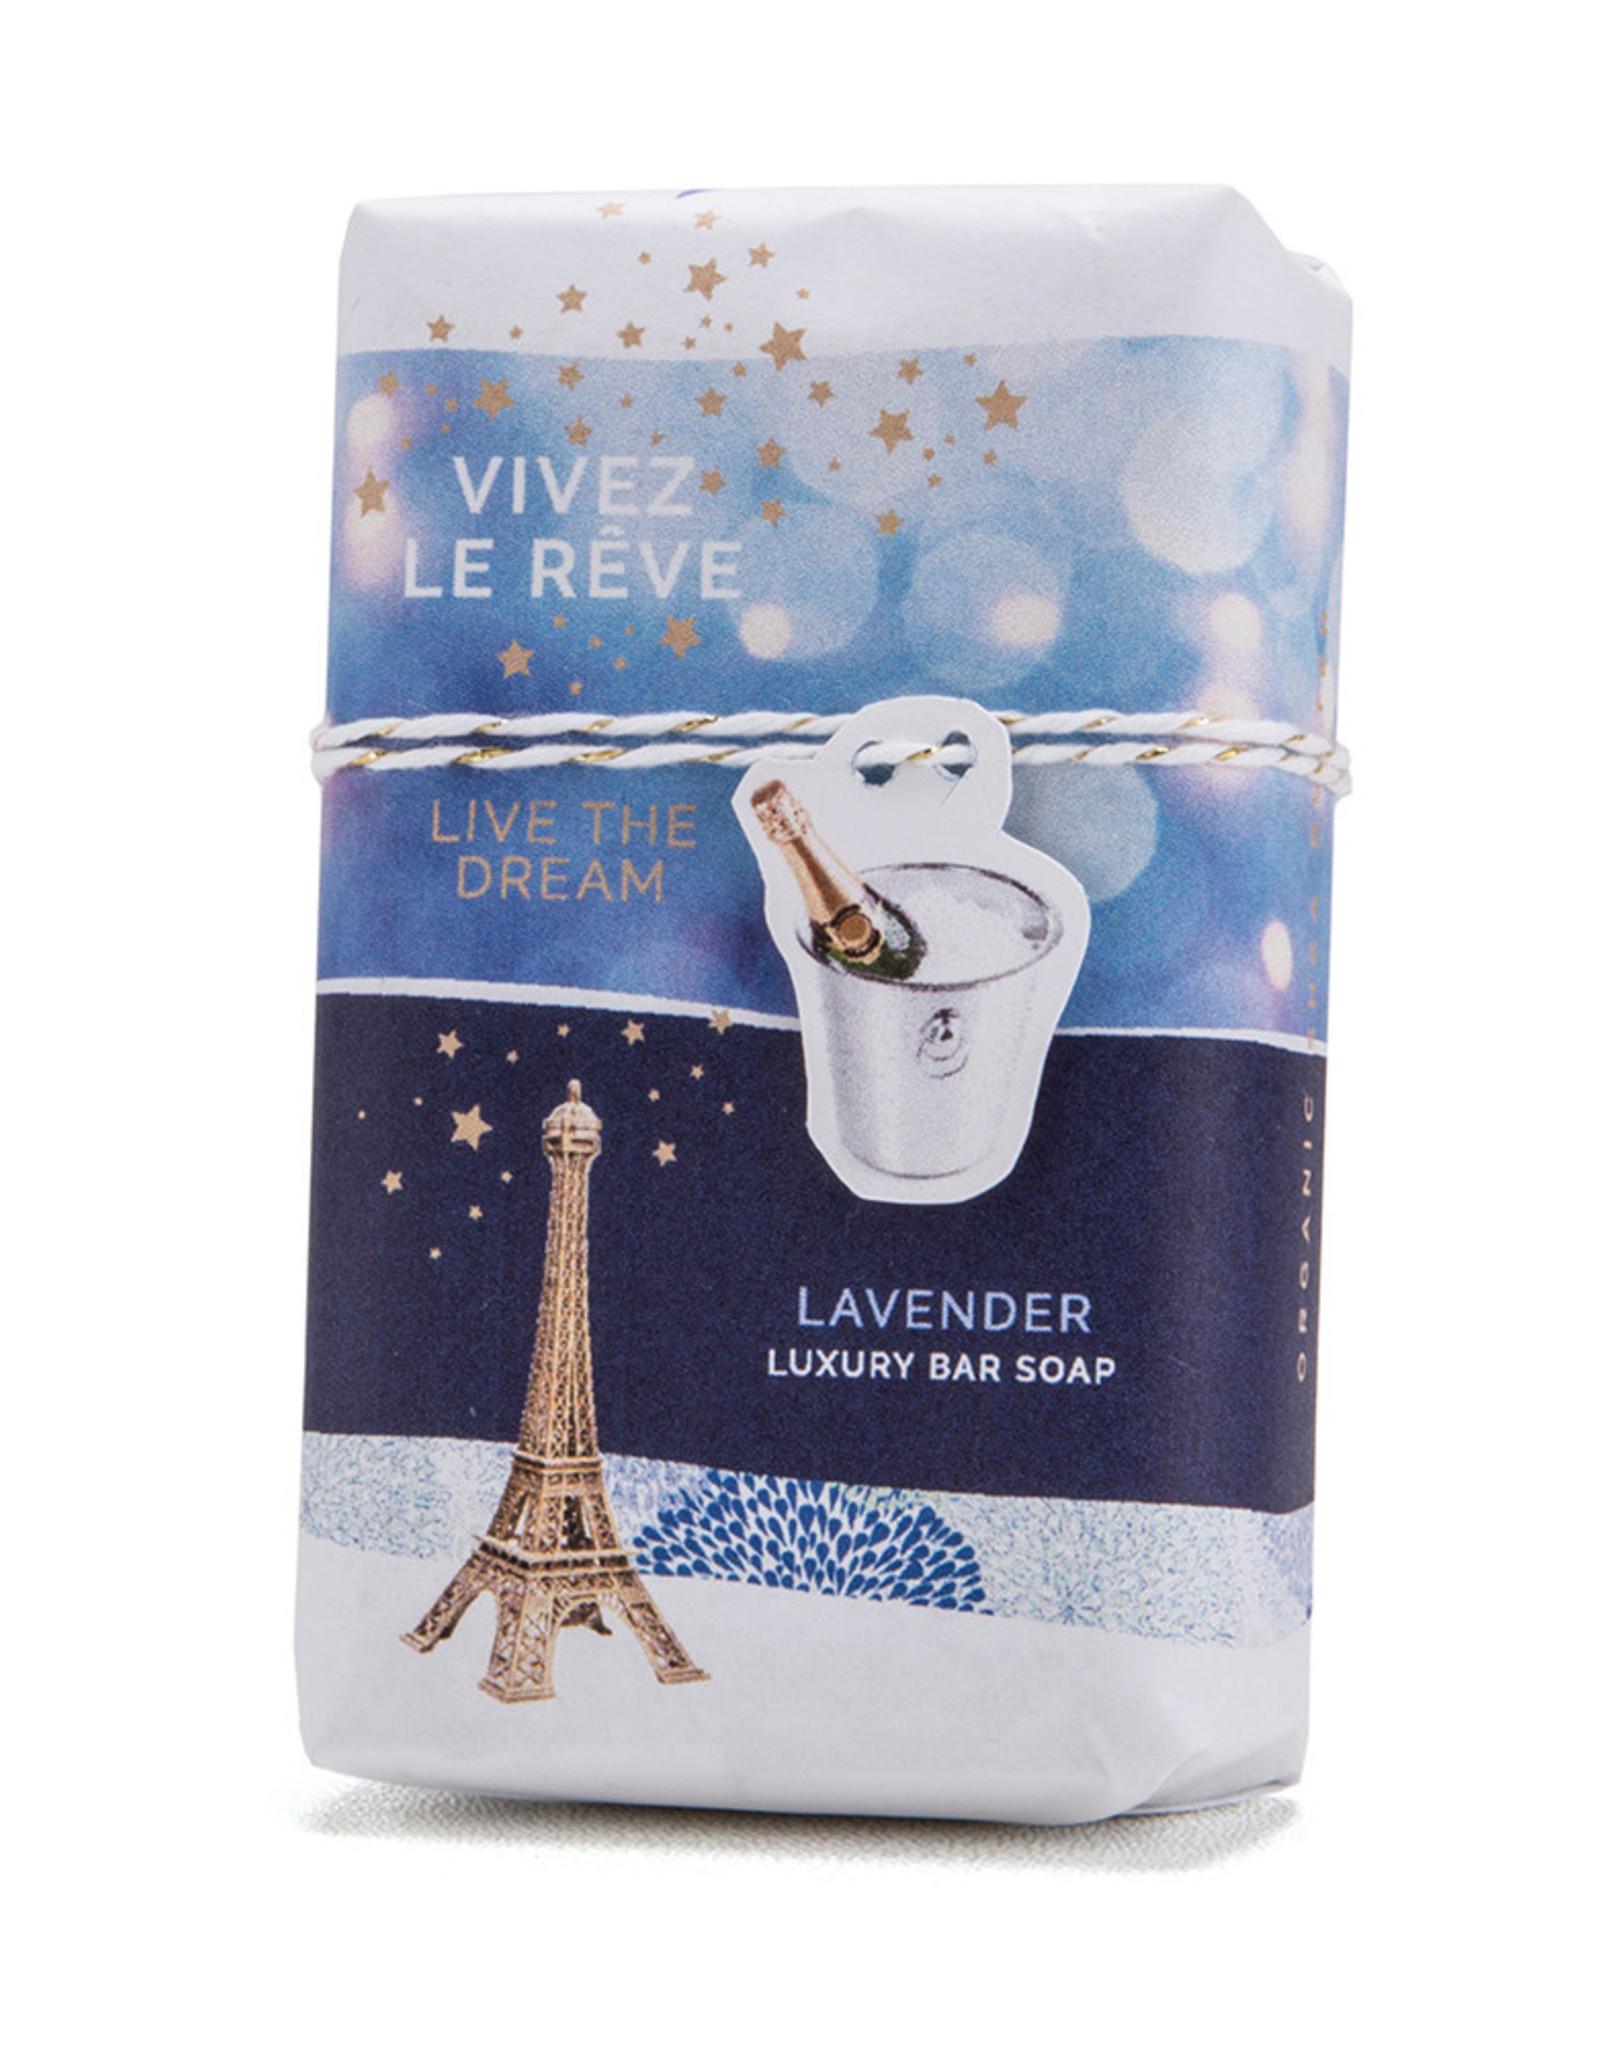 Live the Dream - Lavender -Mistral Les Sentiments Soap